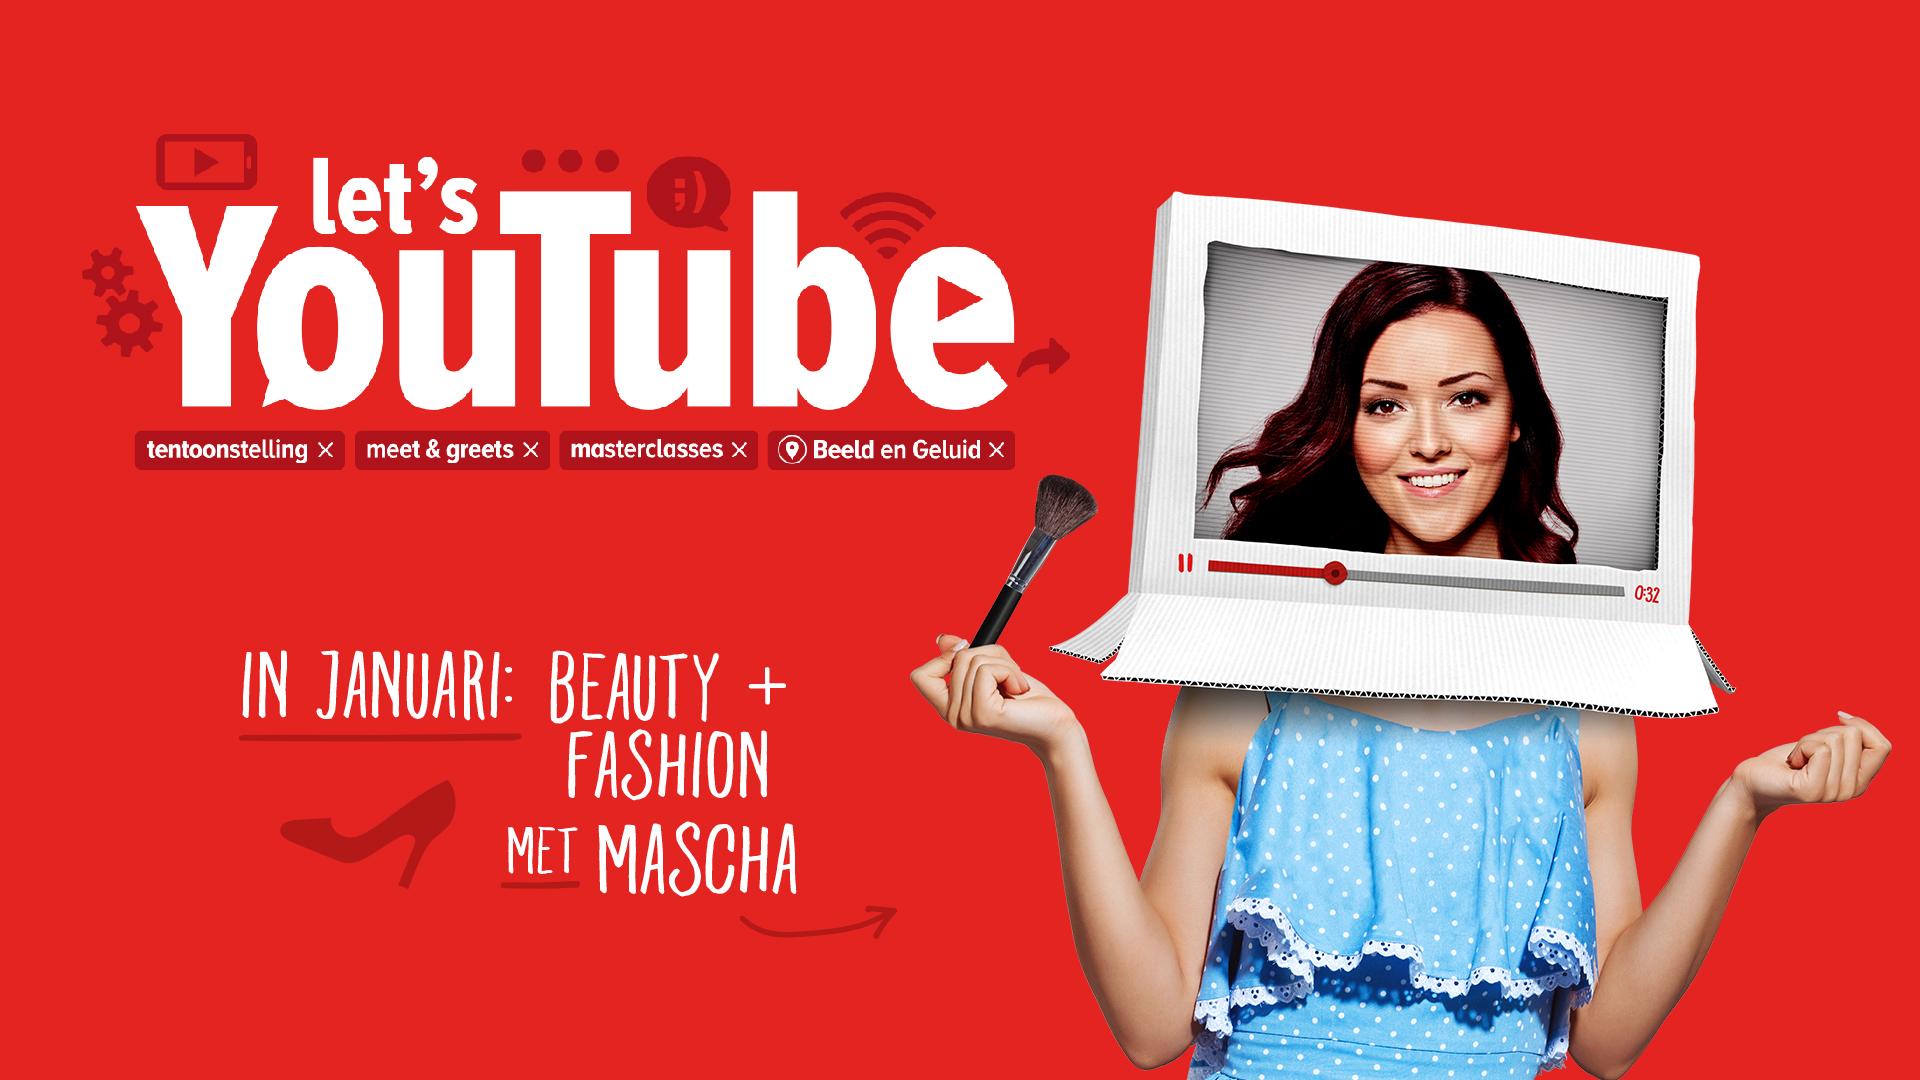 Mascha Feoktistova (Beautygloss) is de gastcurator van de maand Beauty+Fashion in de tentoonstelling Let's YouTube bij Beeld en Geluid